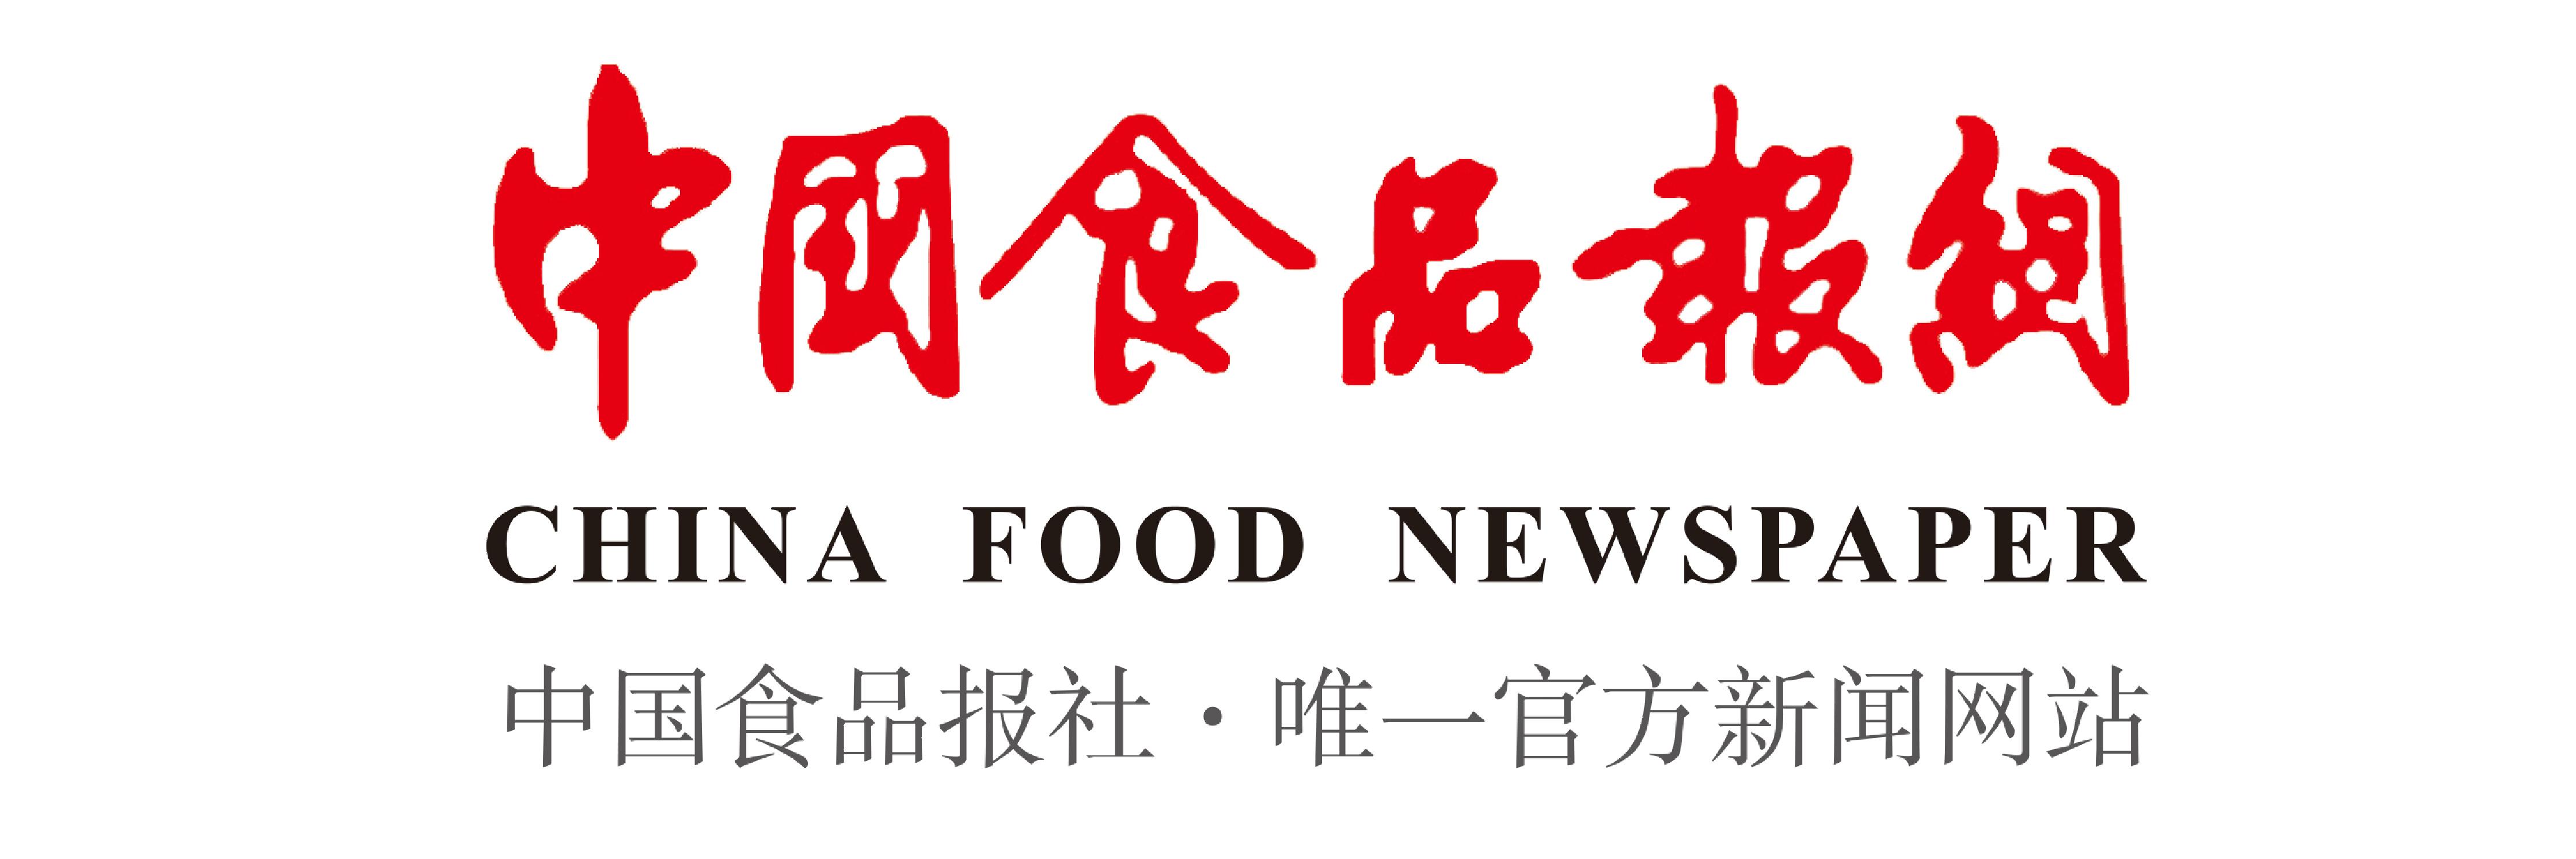 中国食品报网